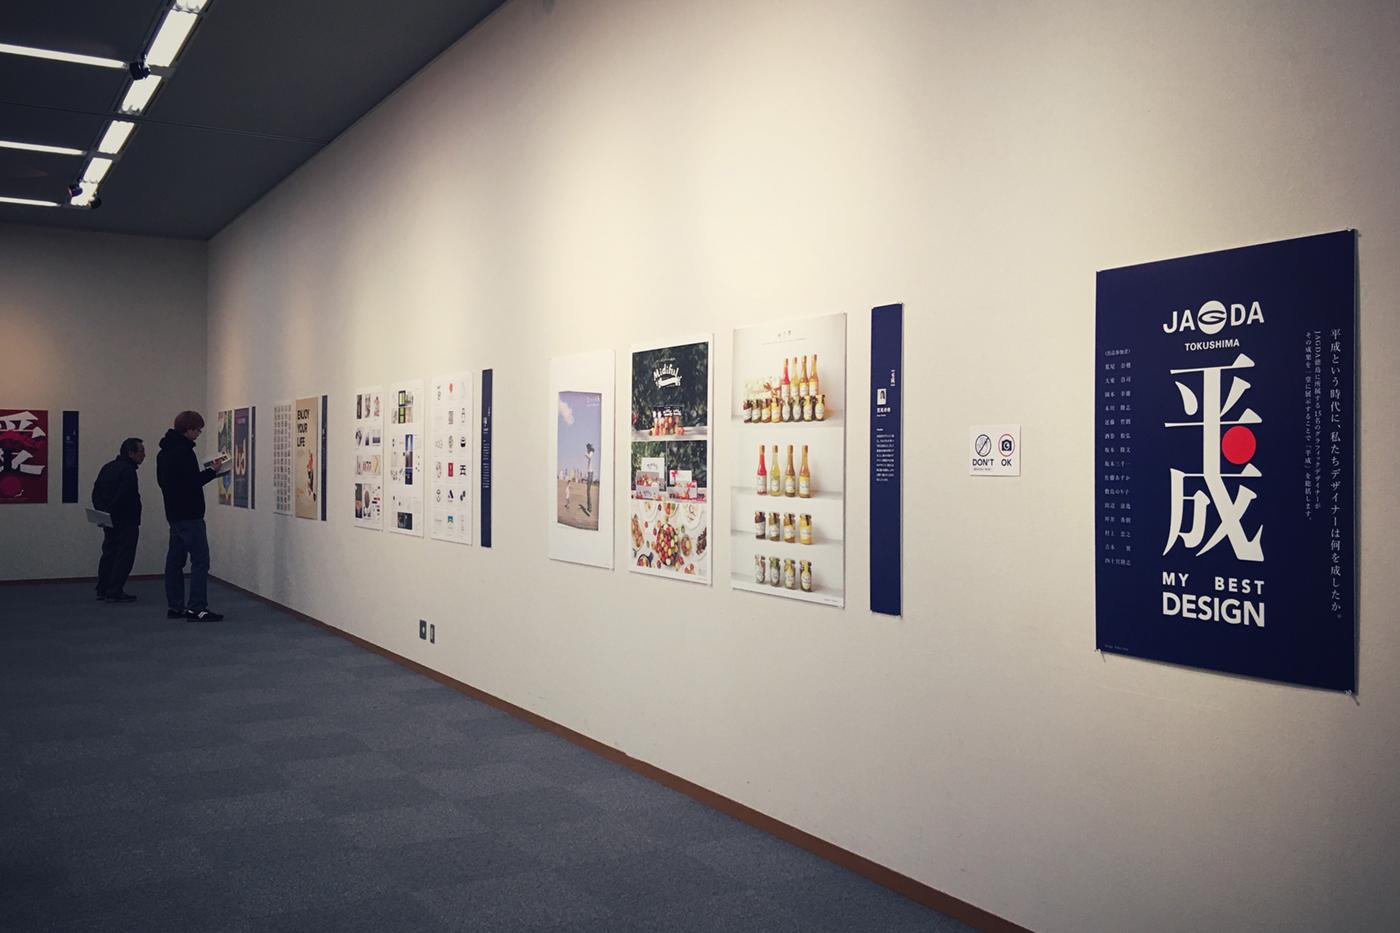 JAGDA徳島 平成マイベストデザイン展